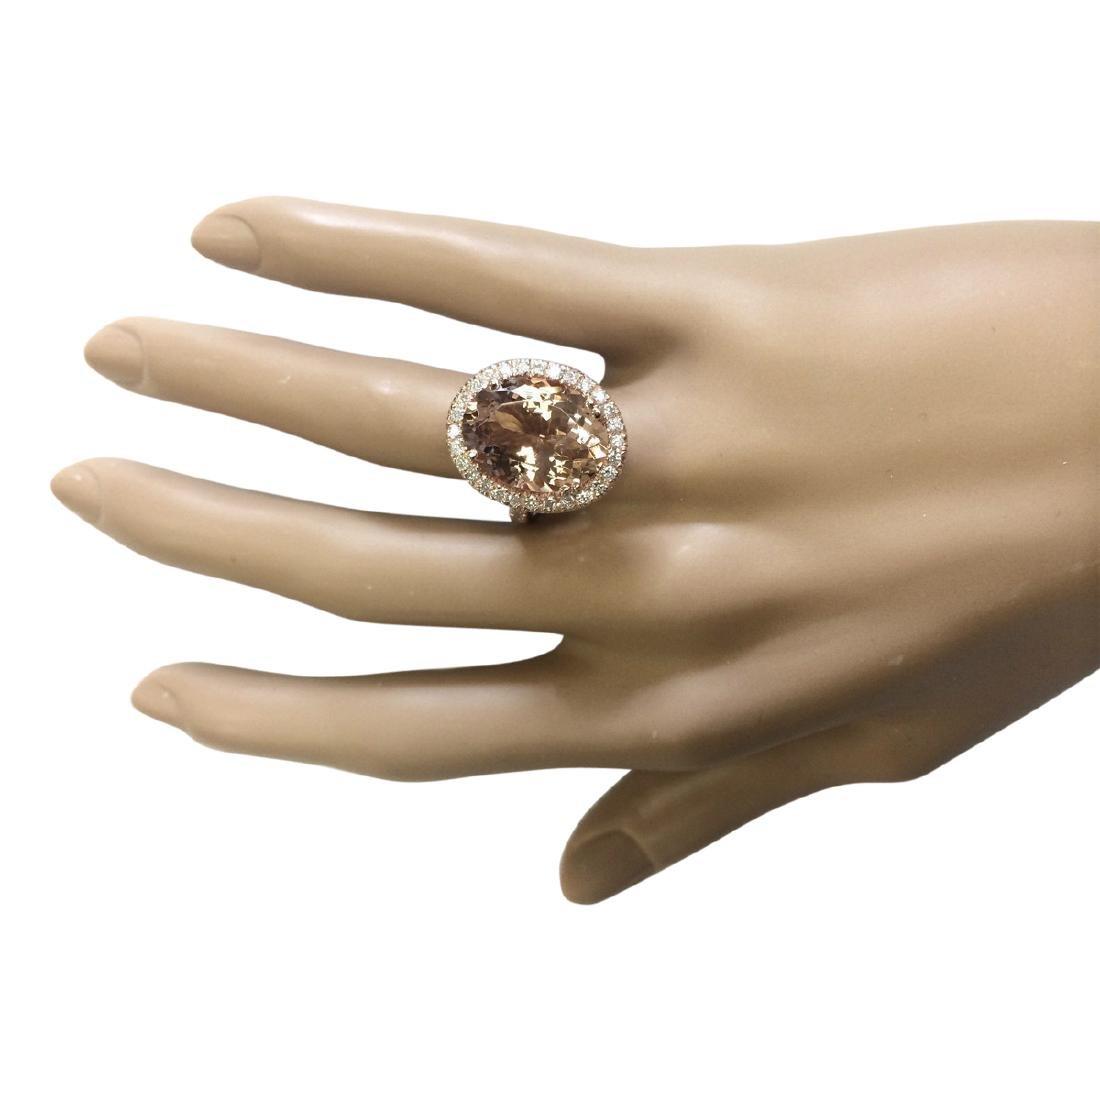 8.26 CTW Natural Morganite And Diamond Ring In 18K Rose - 4